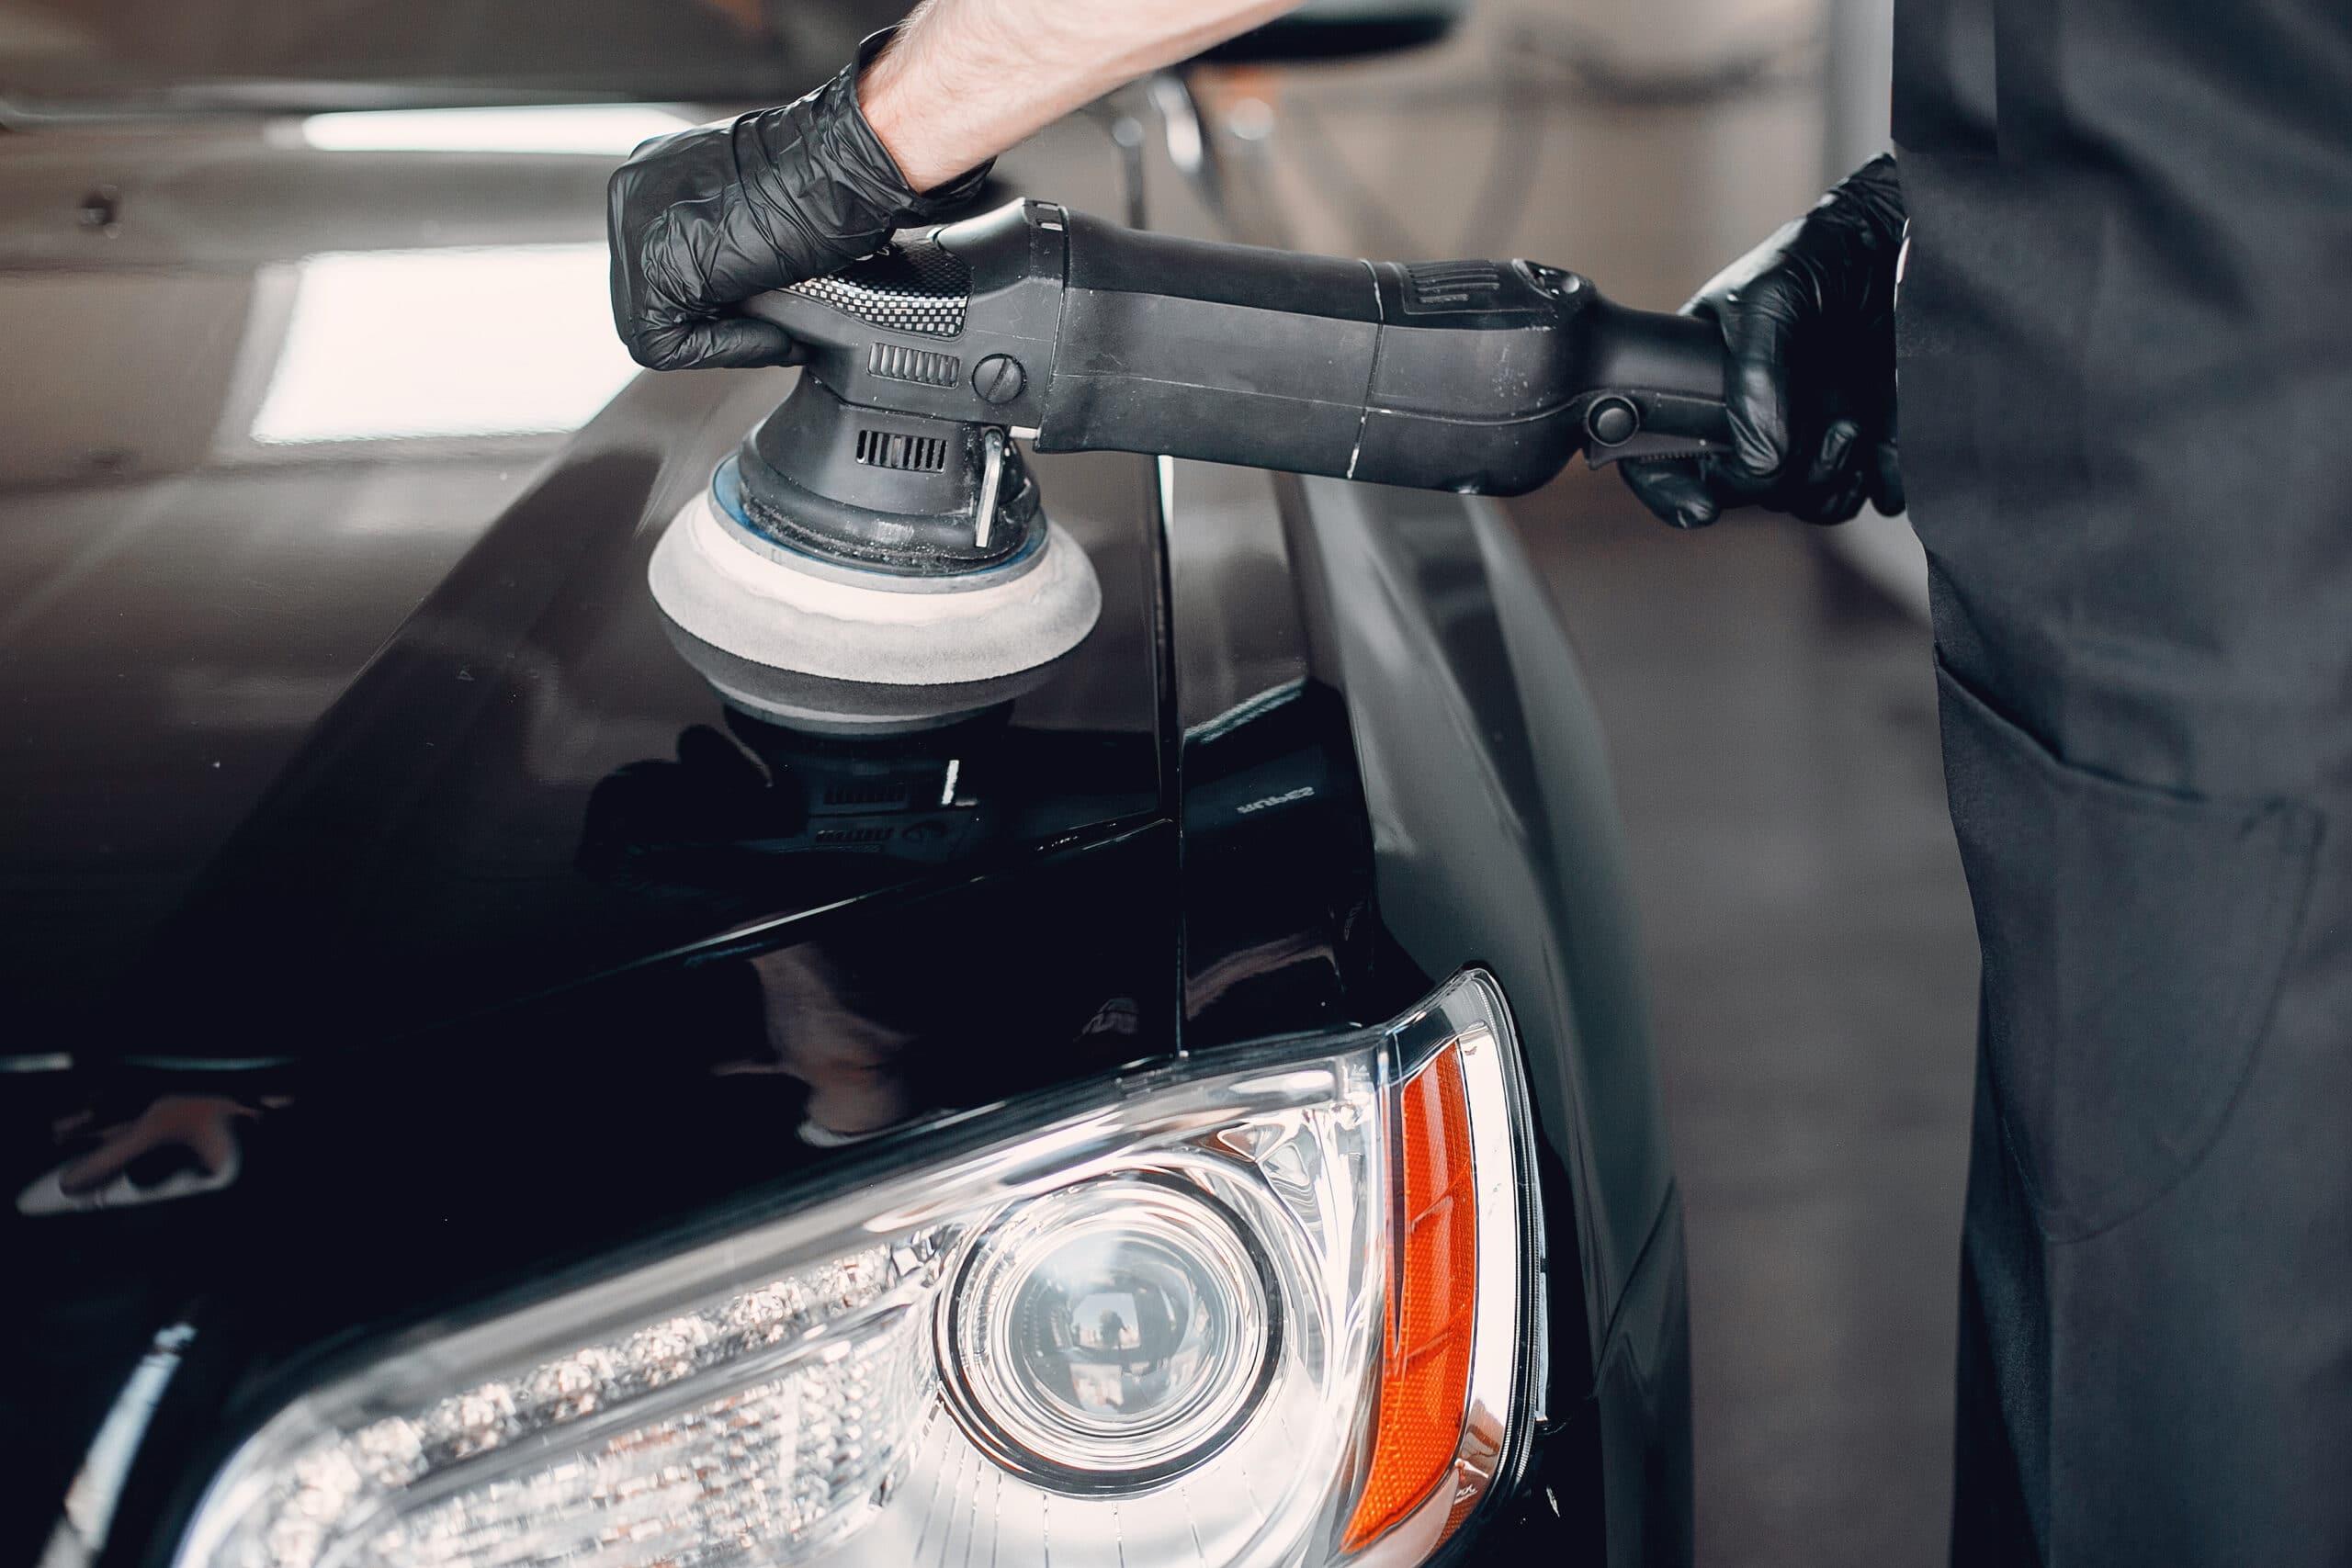 Polimento automotivo em Aracaju: veja onde e como cuidar do seu carro!